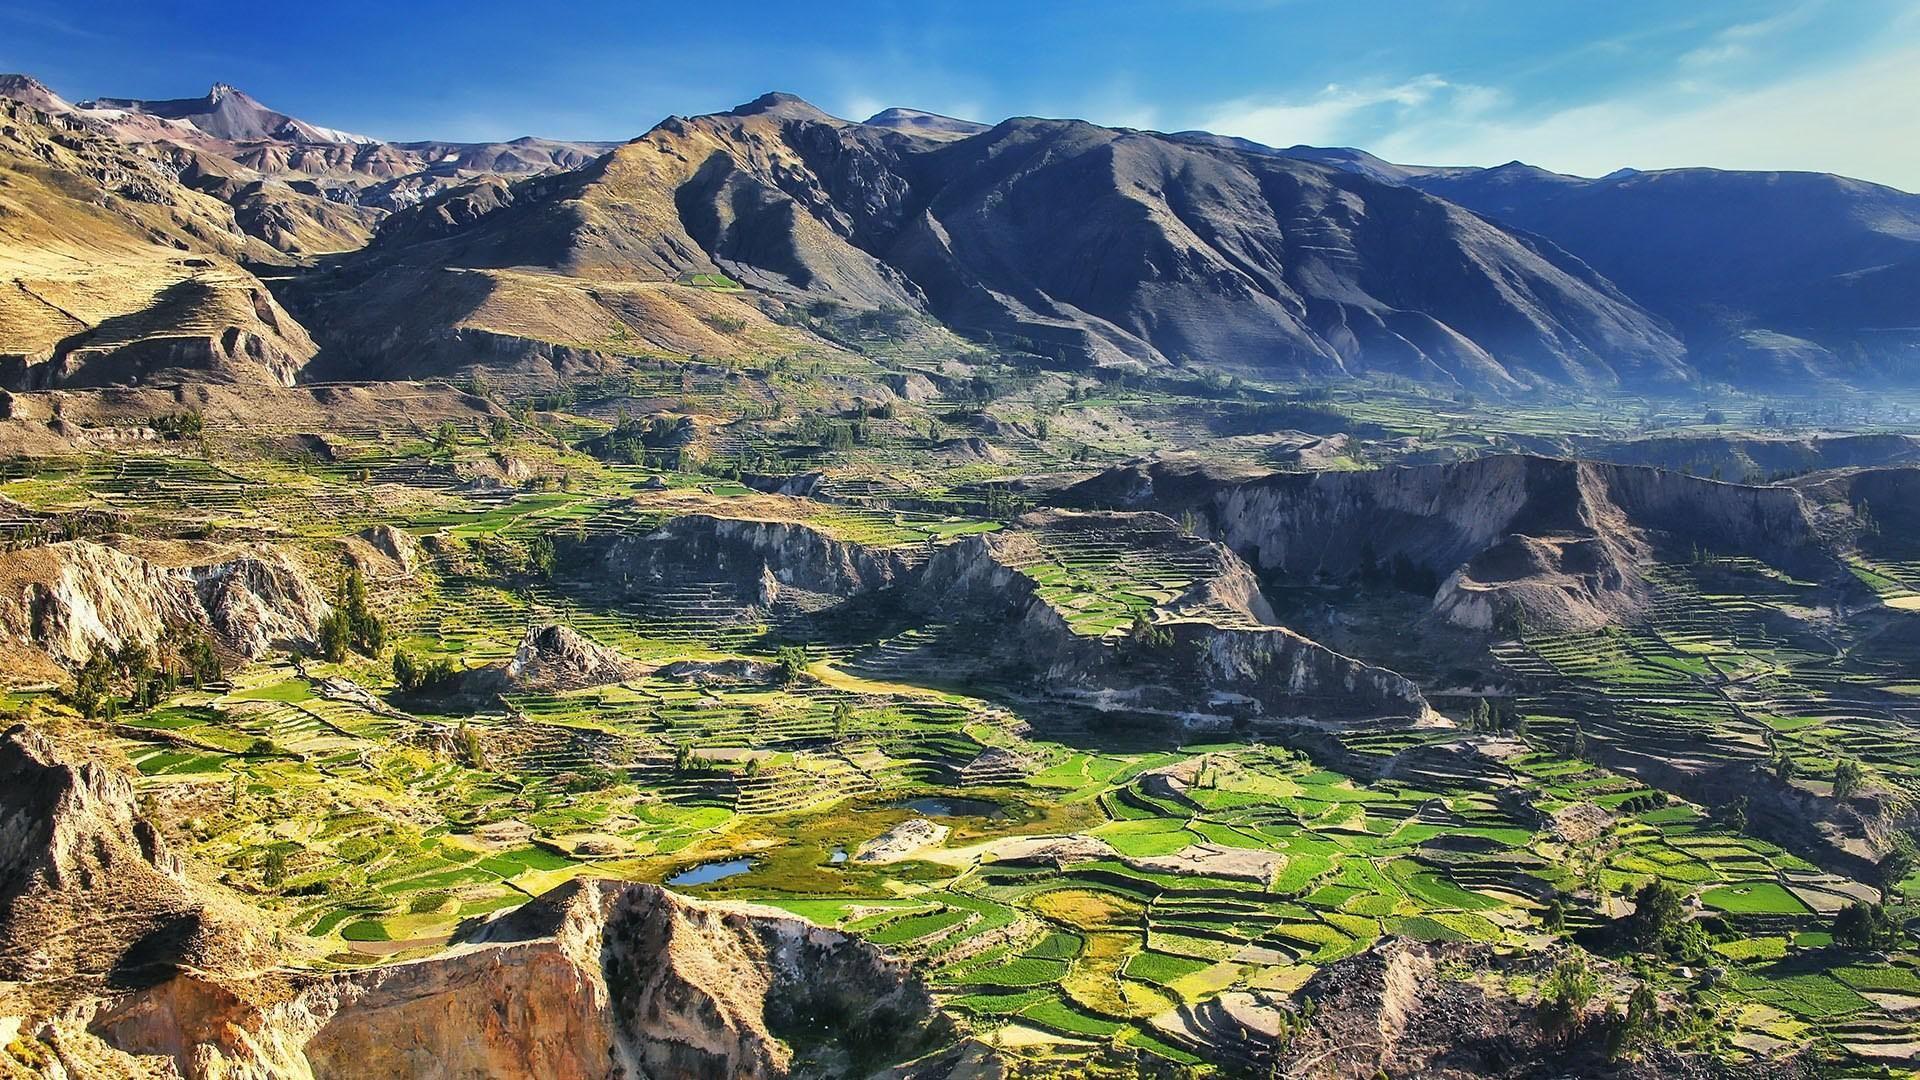 Colca Valley in Peru